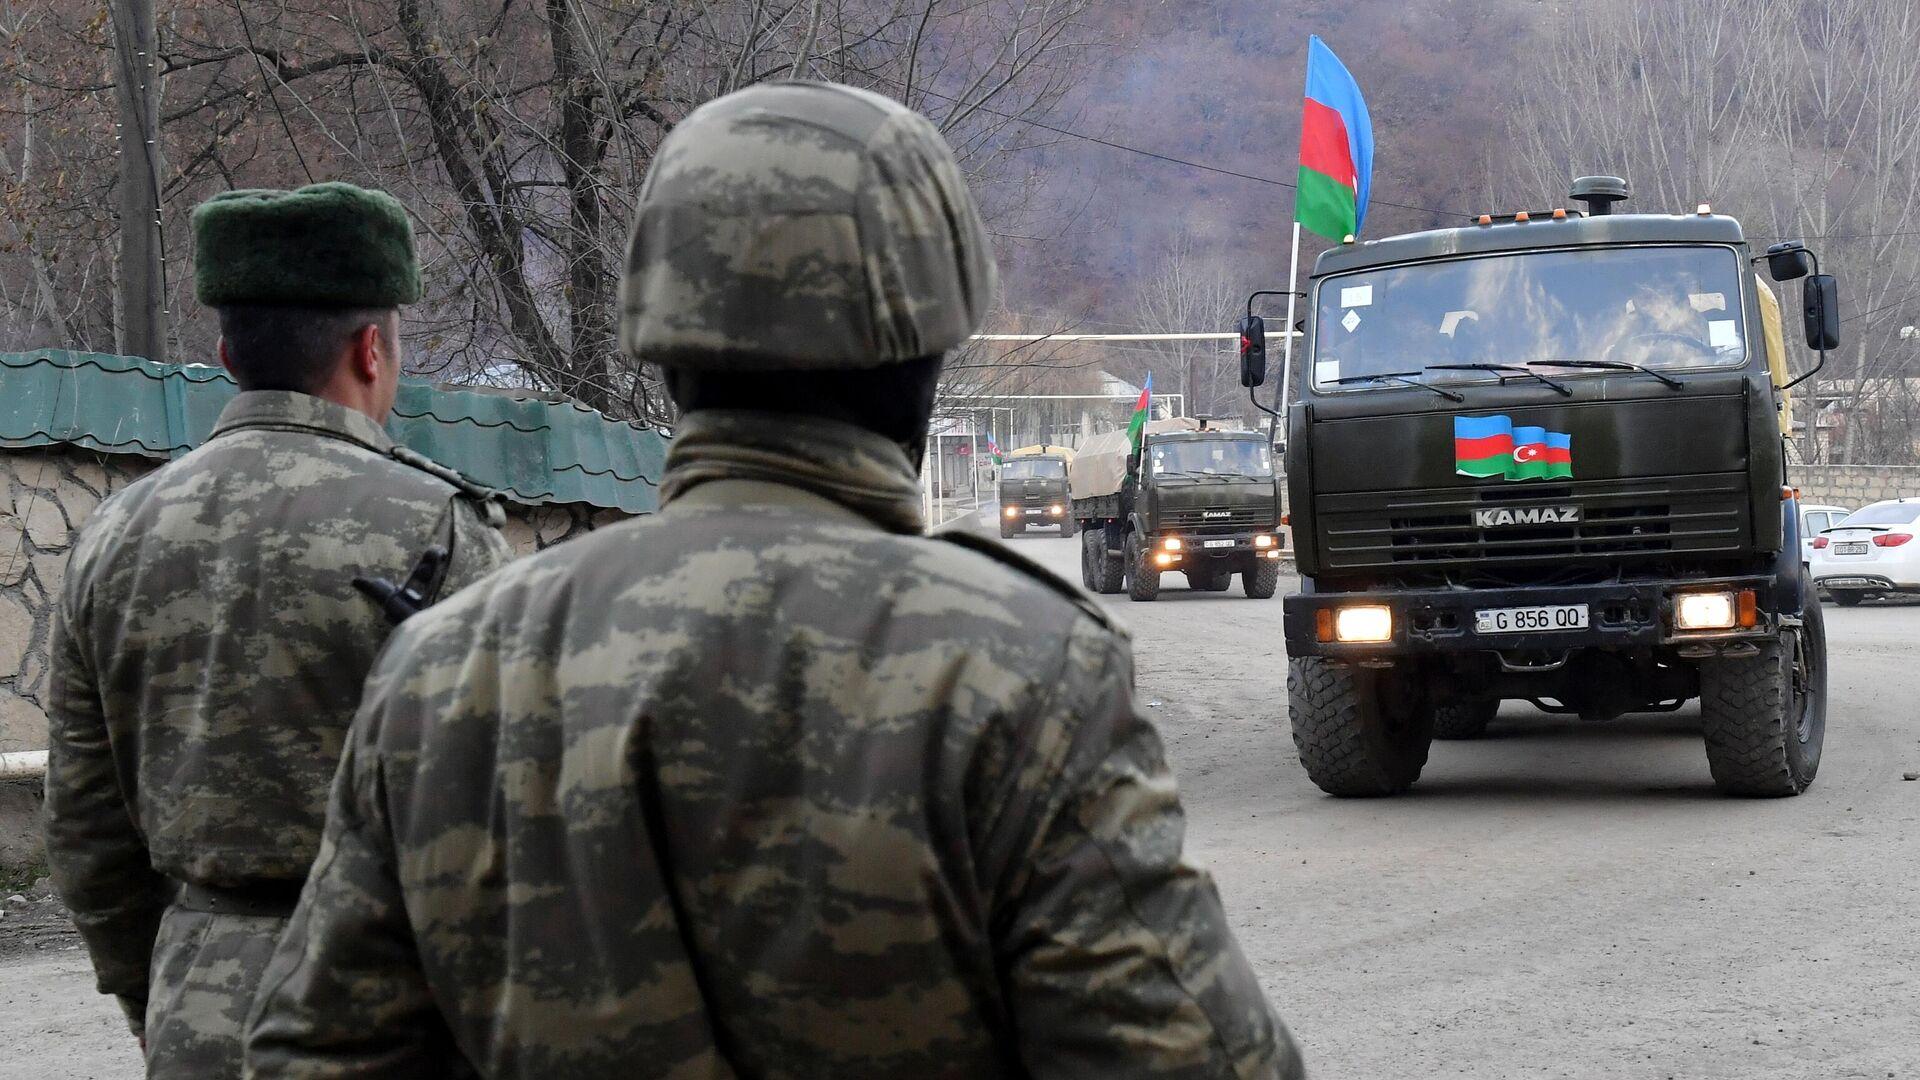 Колонна с азербайджанскими военными в Кельбаджарском районе у населенного пункта Тоганалы - РИА Новости, 1920, 13.05.2021